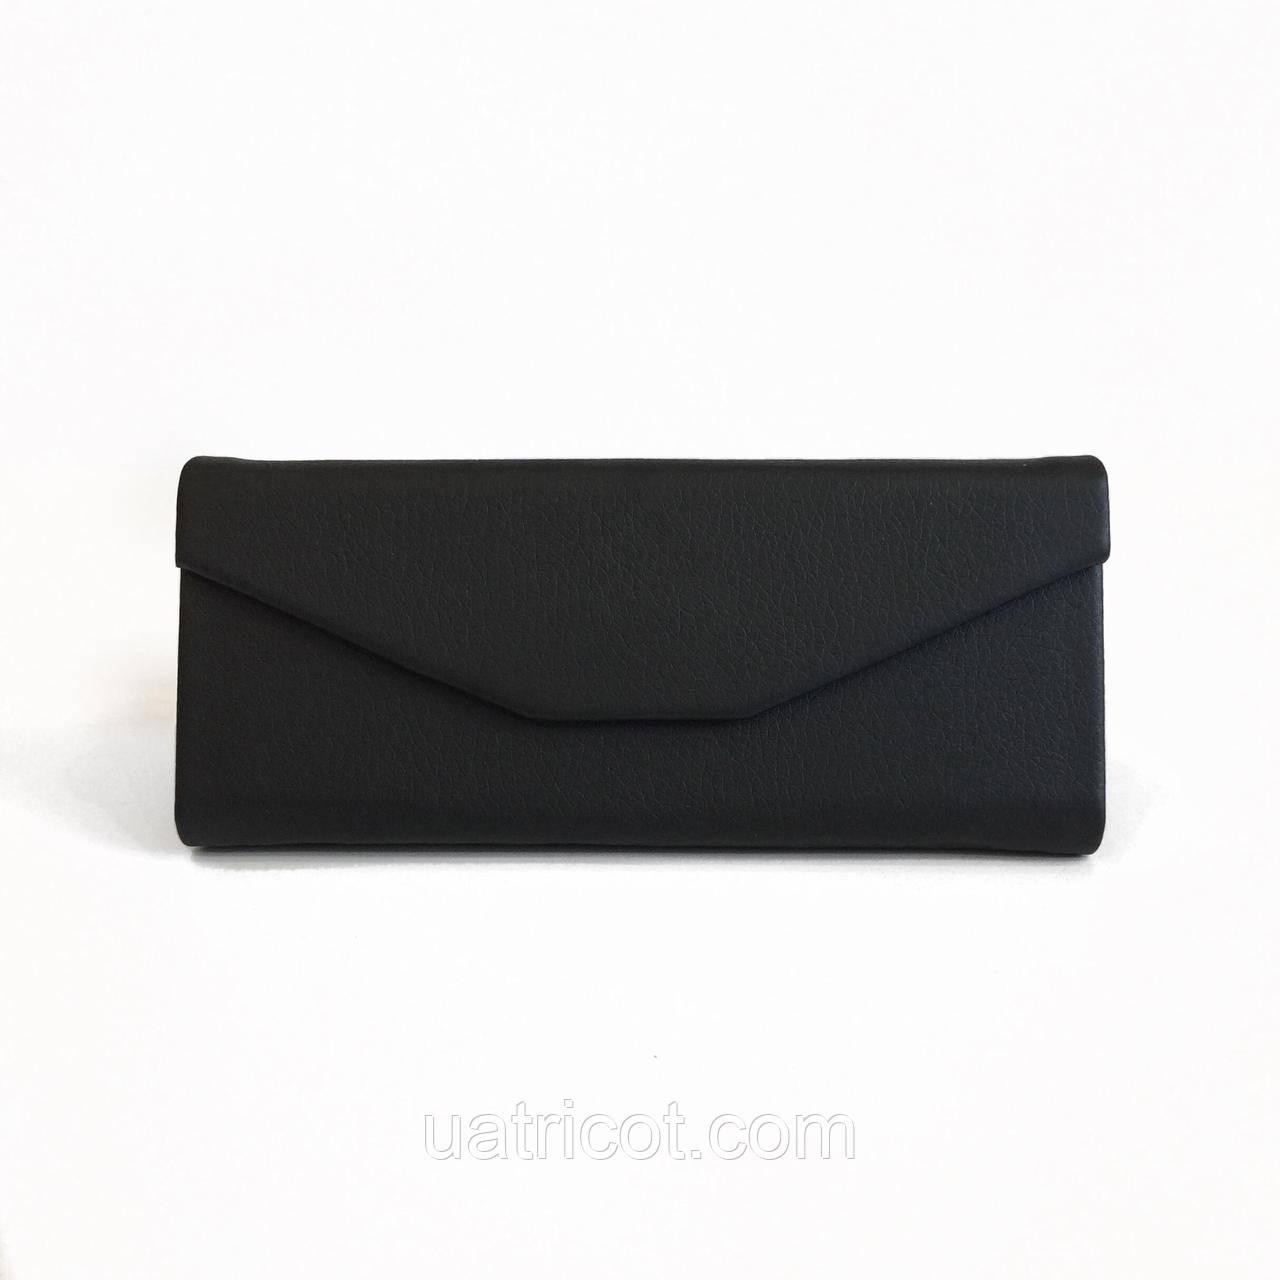 Чёрный кожаный смарт чехол для солнцезащитных очков из гладкой кожи